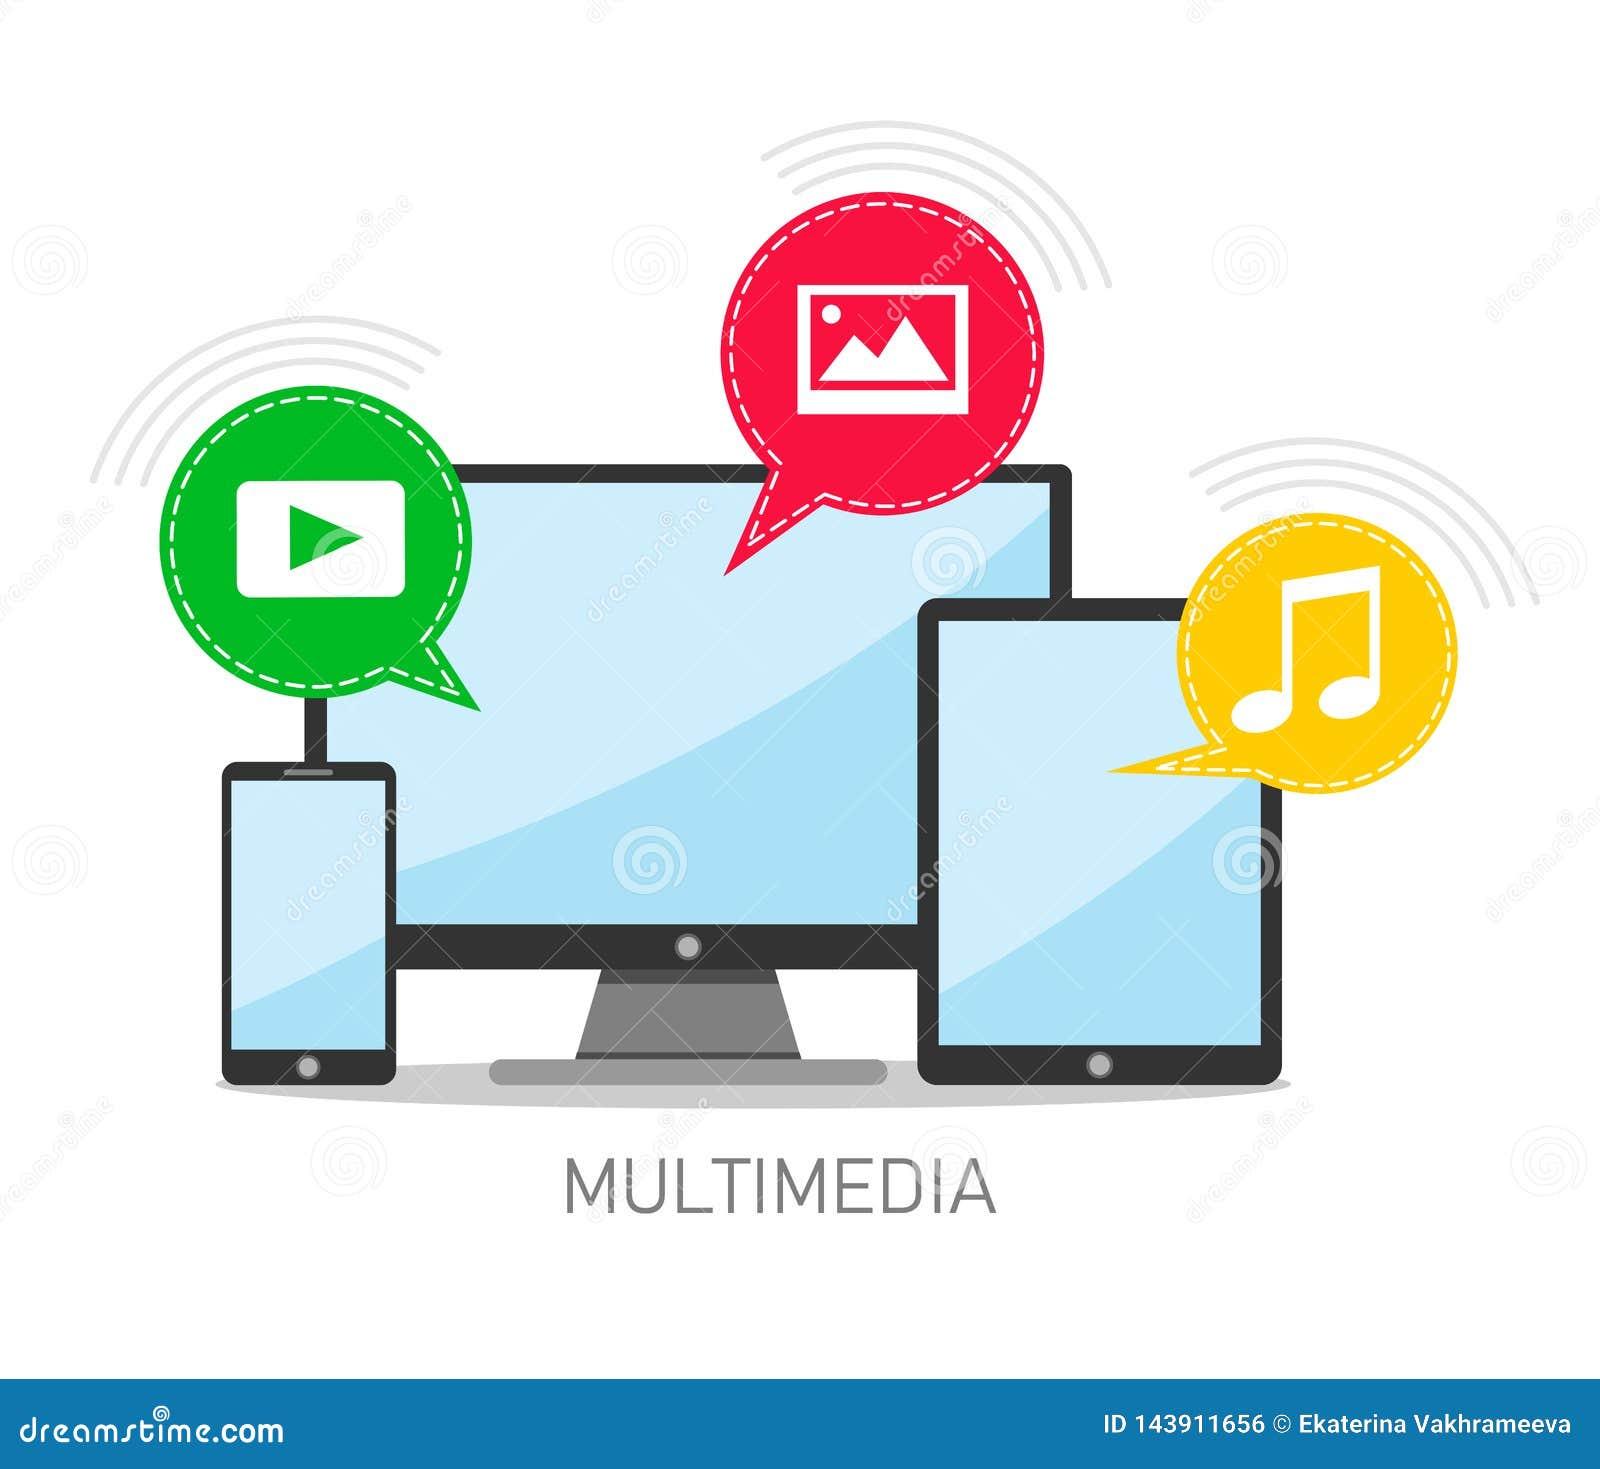 Vektorkonzept von Multimediadateien und -Multimedia-Kommunikation Vektorabbildung auf weißem Hintergrund